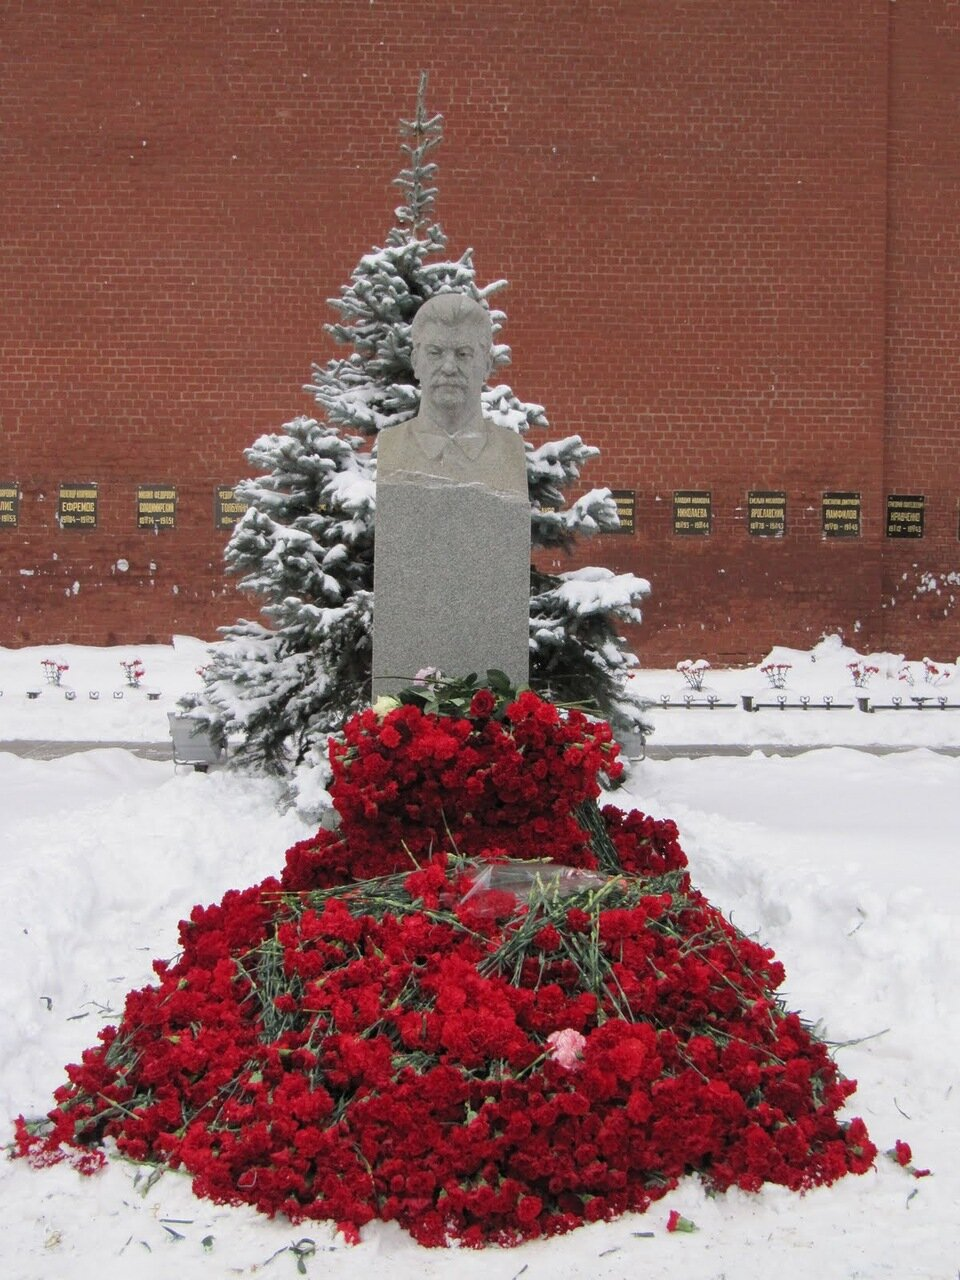 Могила Сталина в день его рождения, 21 декабря.